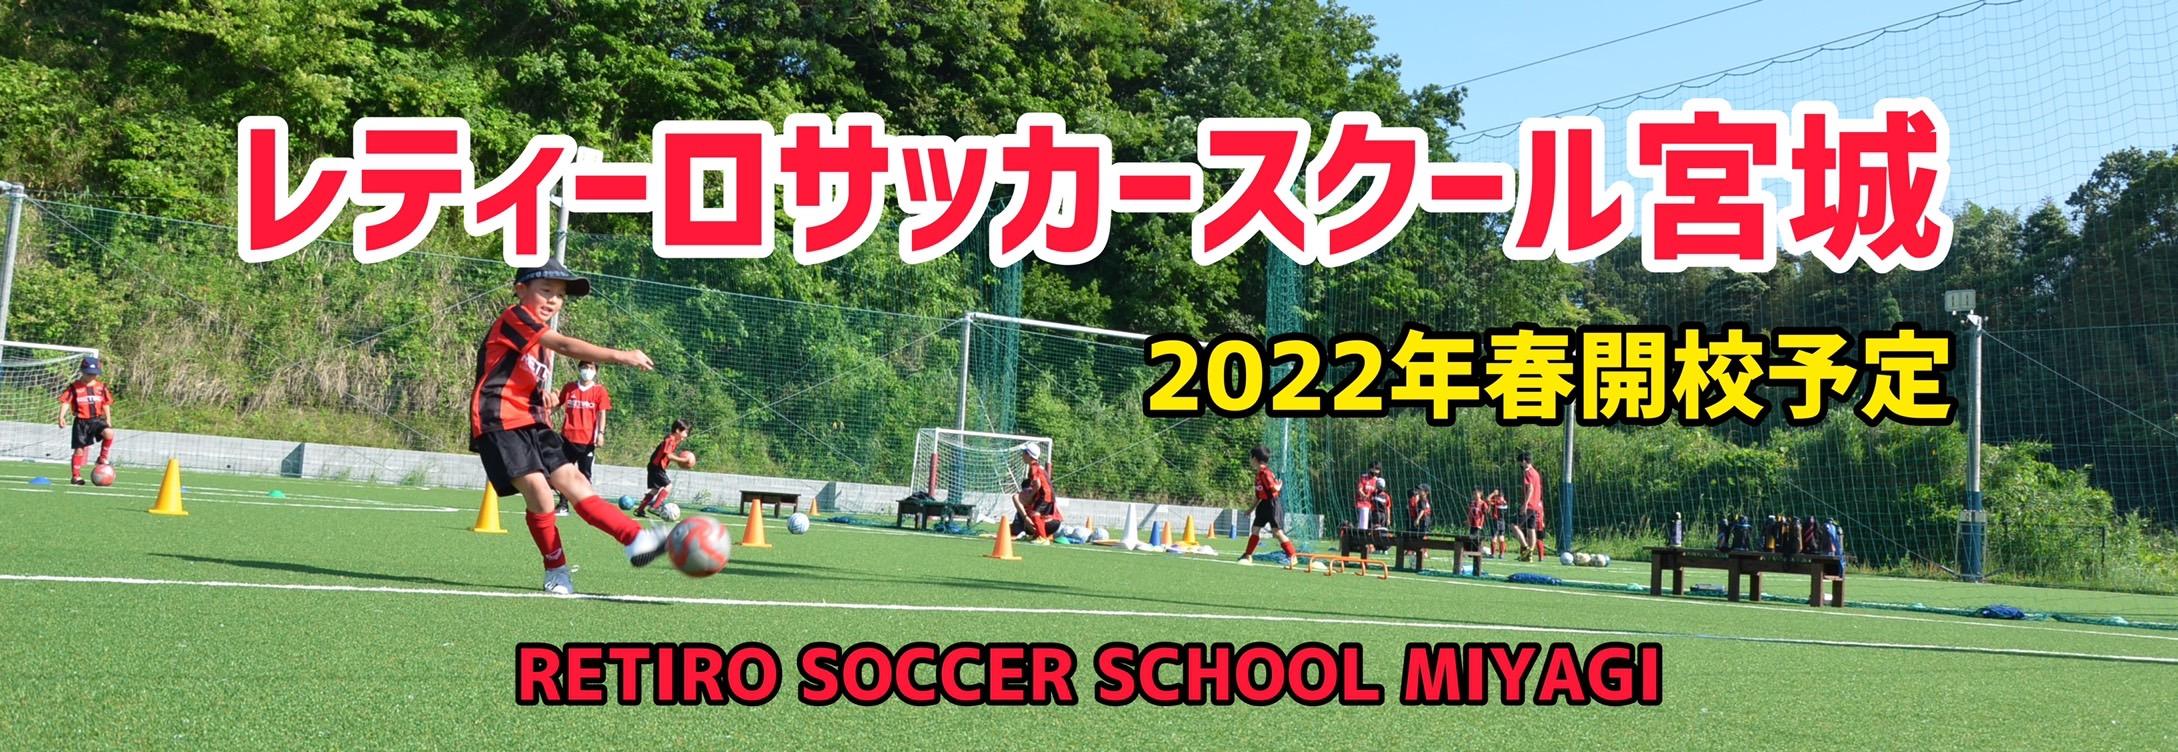 レティーロサッカースクール宮城2022年春開校予定